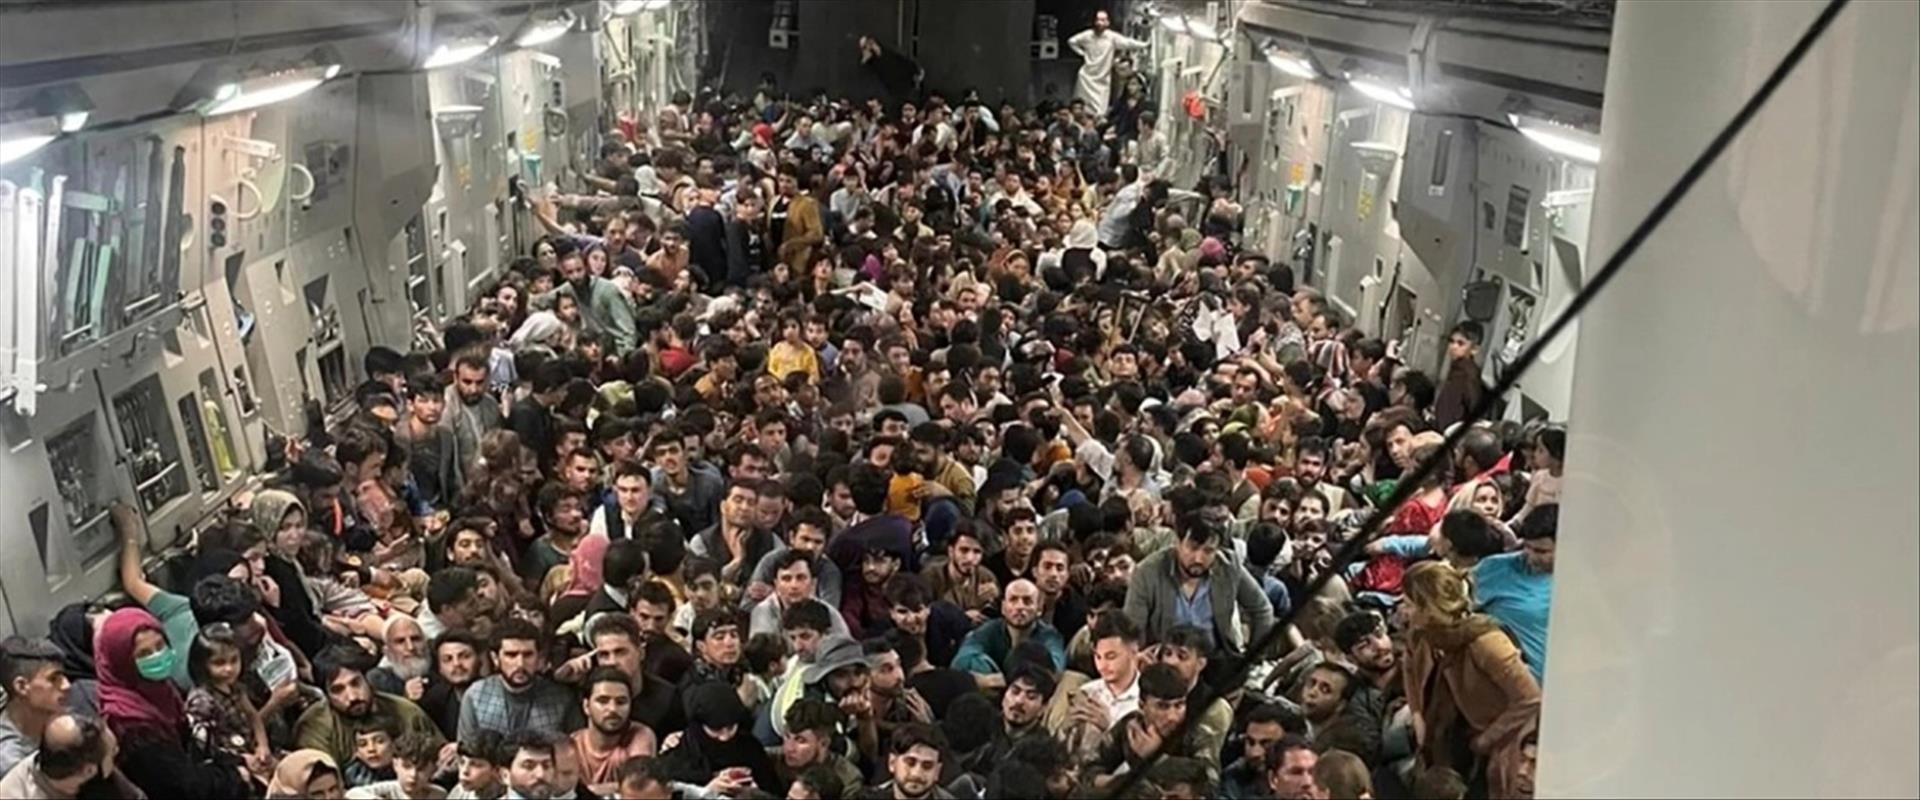 מטוס עמוס אזרחים אפגנים בצאתם מהמדינה, השבוע